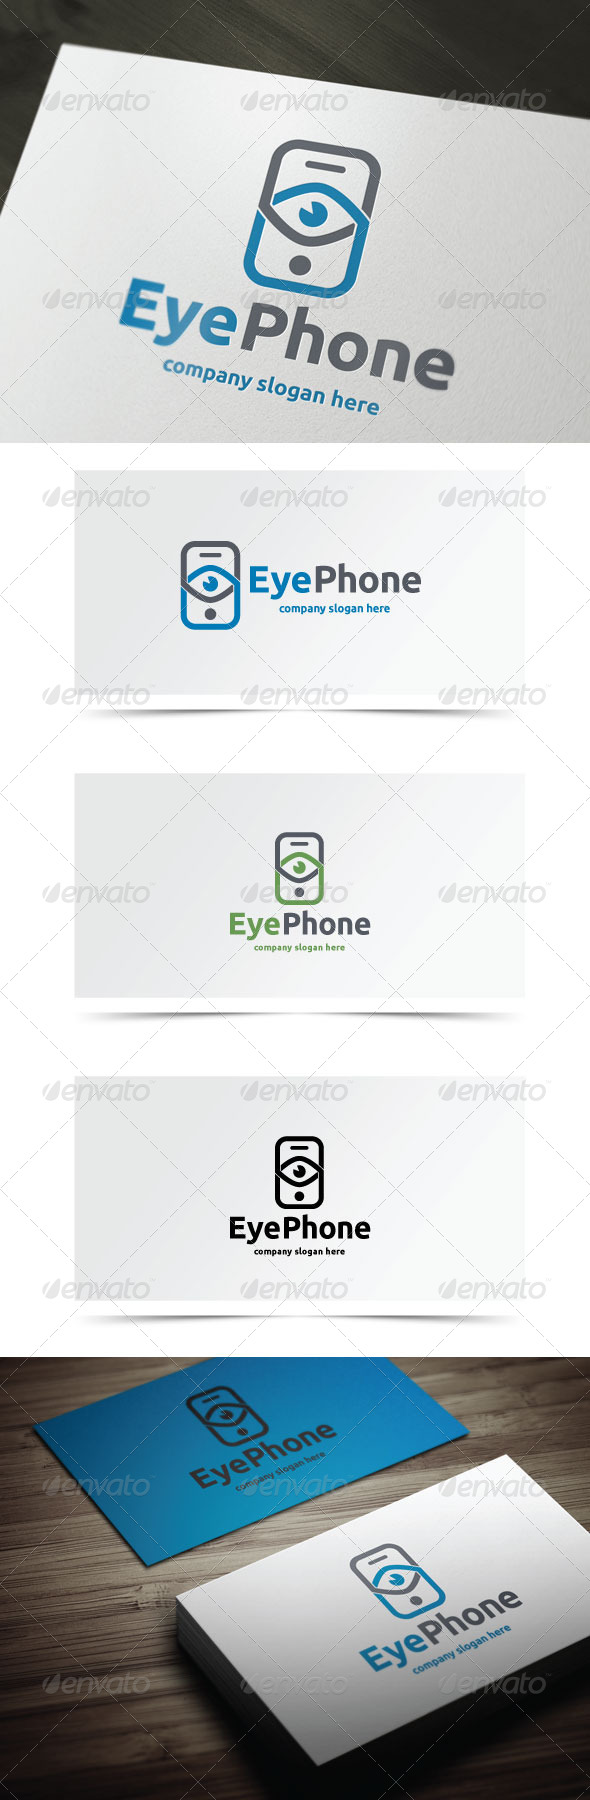 Eye Phone